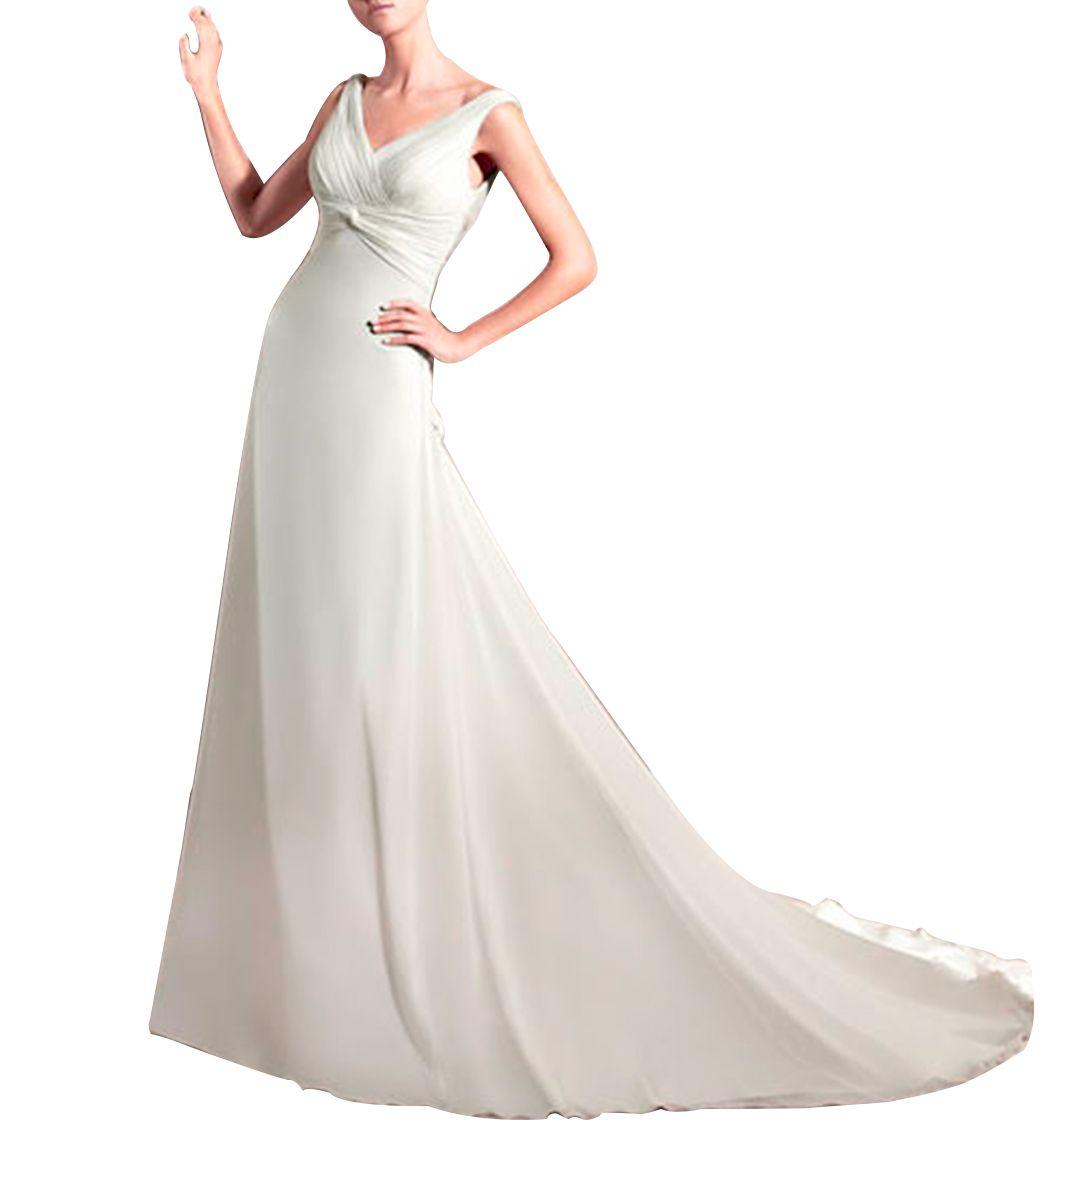 Vestido de novia jaguar Pronovias 300.00€ | vestido novia segunda ...